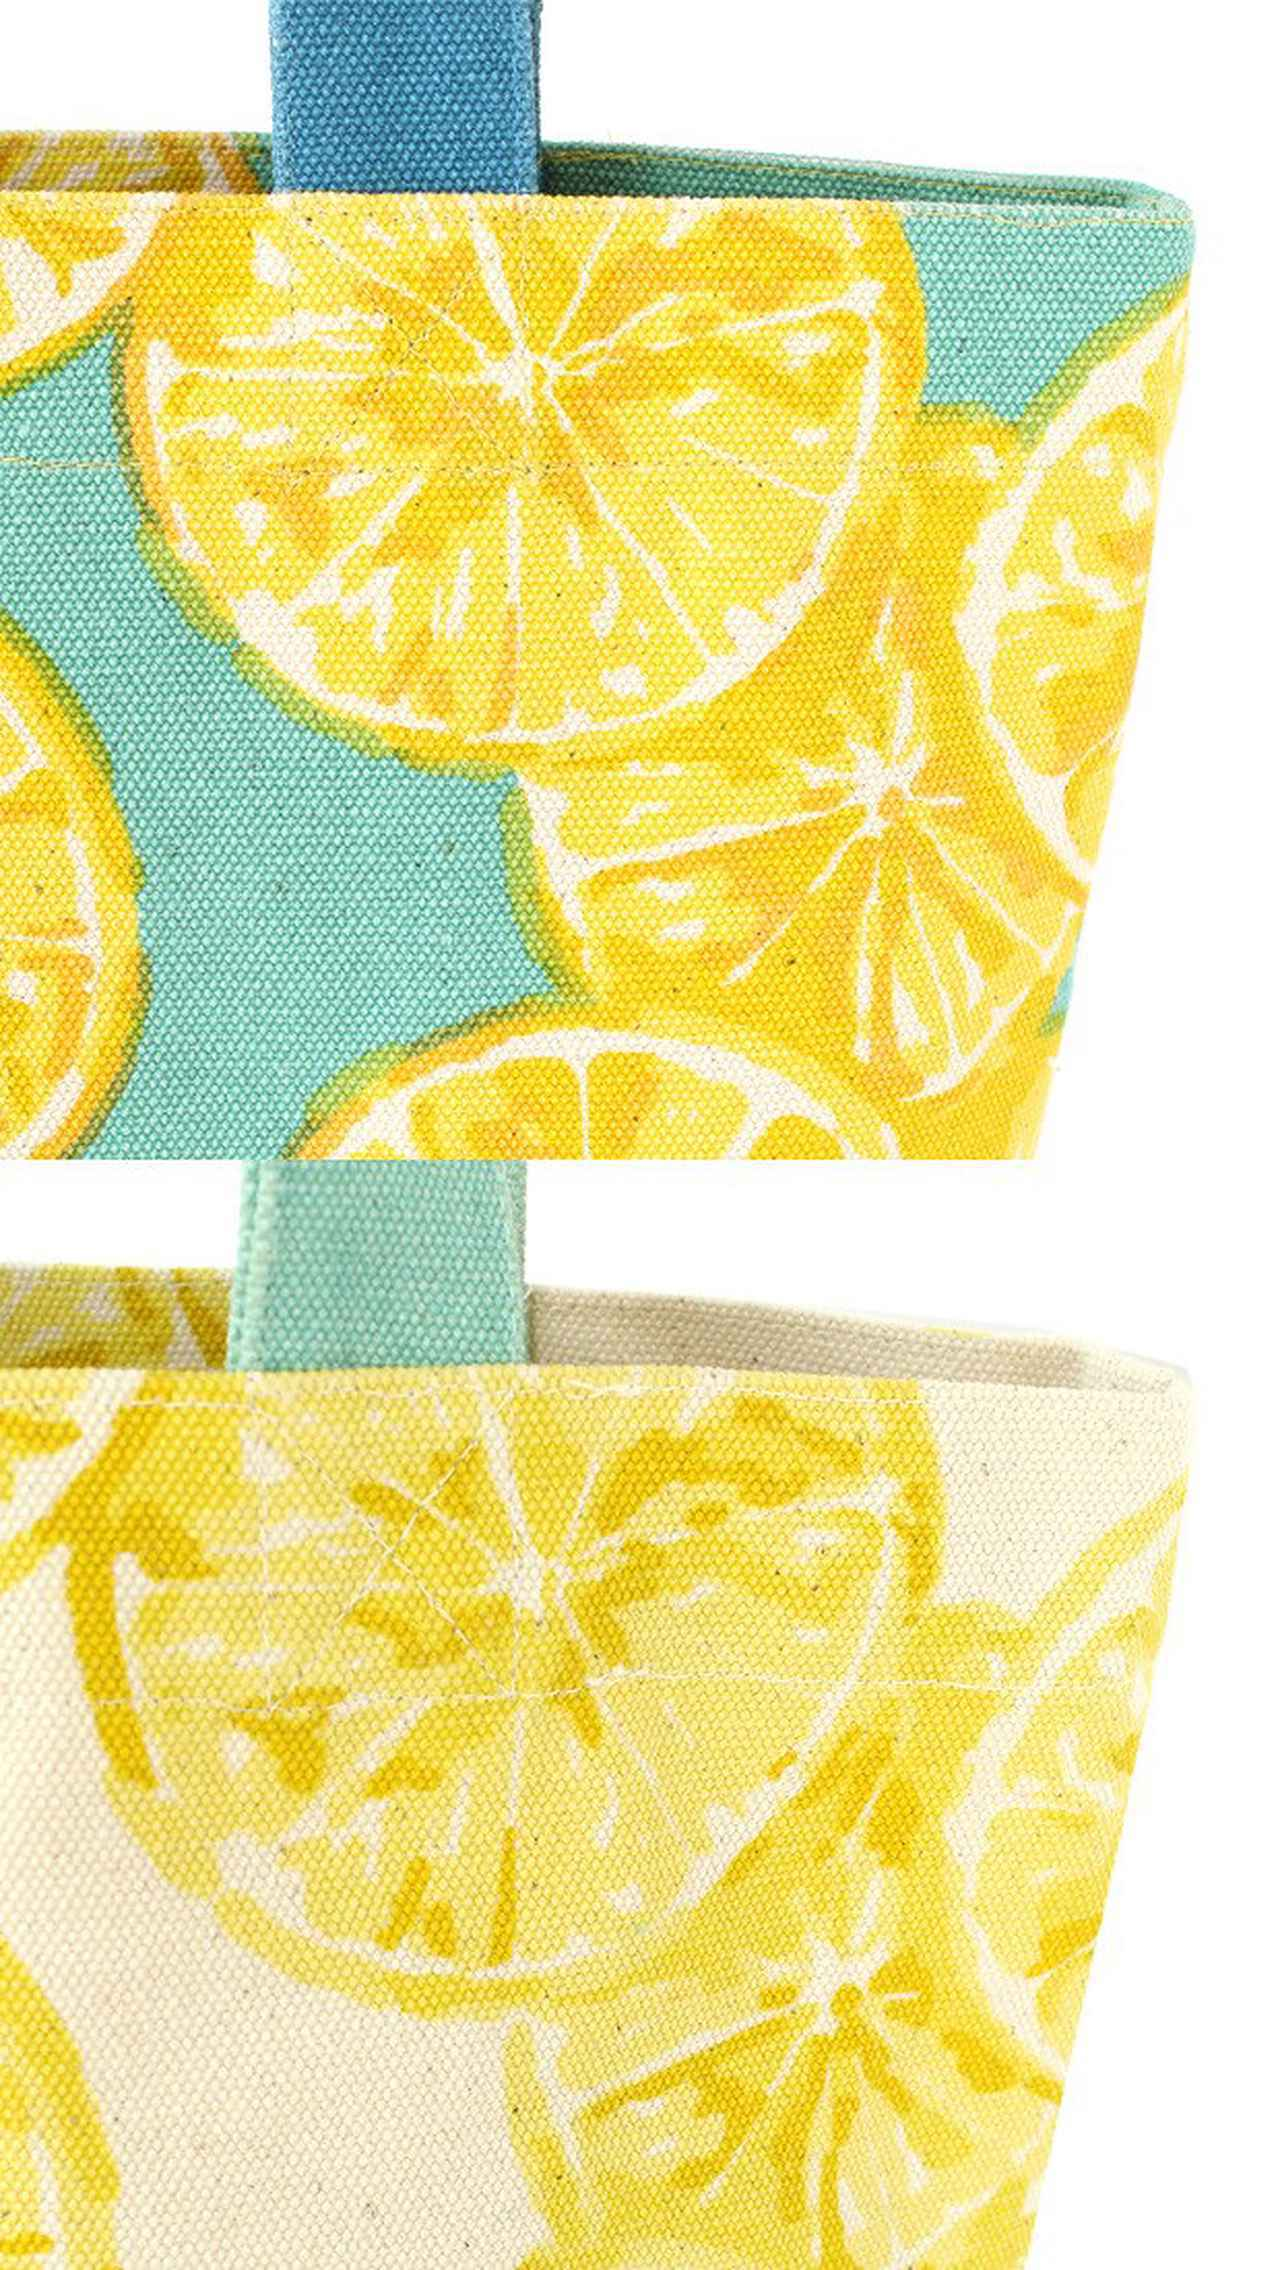 画像3: 爽やかで夏らしい!レモン柄アイテム5選